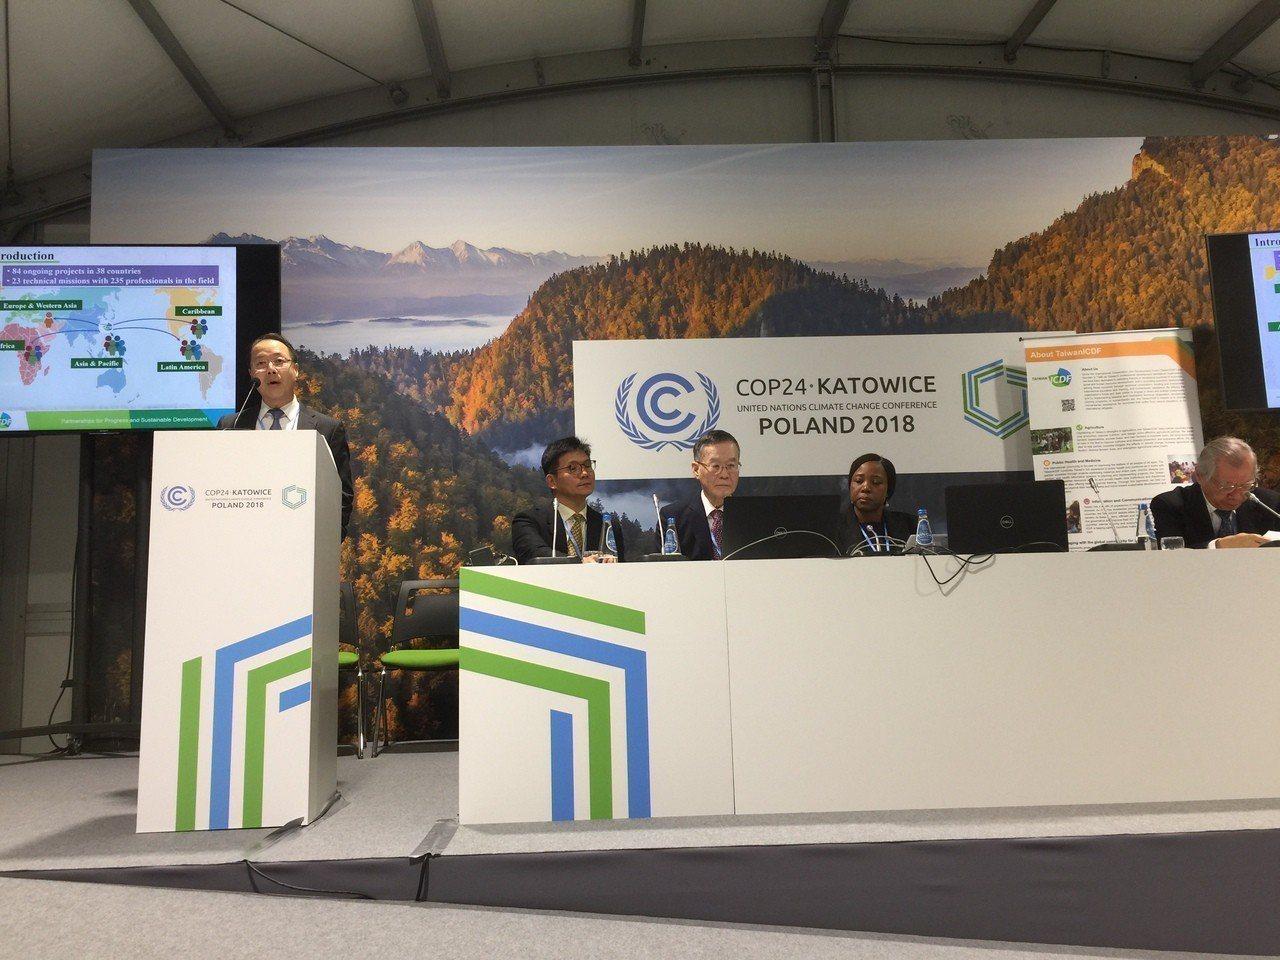 財團法人國際合作發展基金會發展「氣候外交」,在聯合國氣候峰會周邊會議上發表成果。...